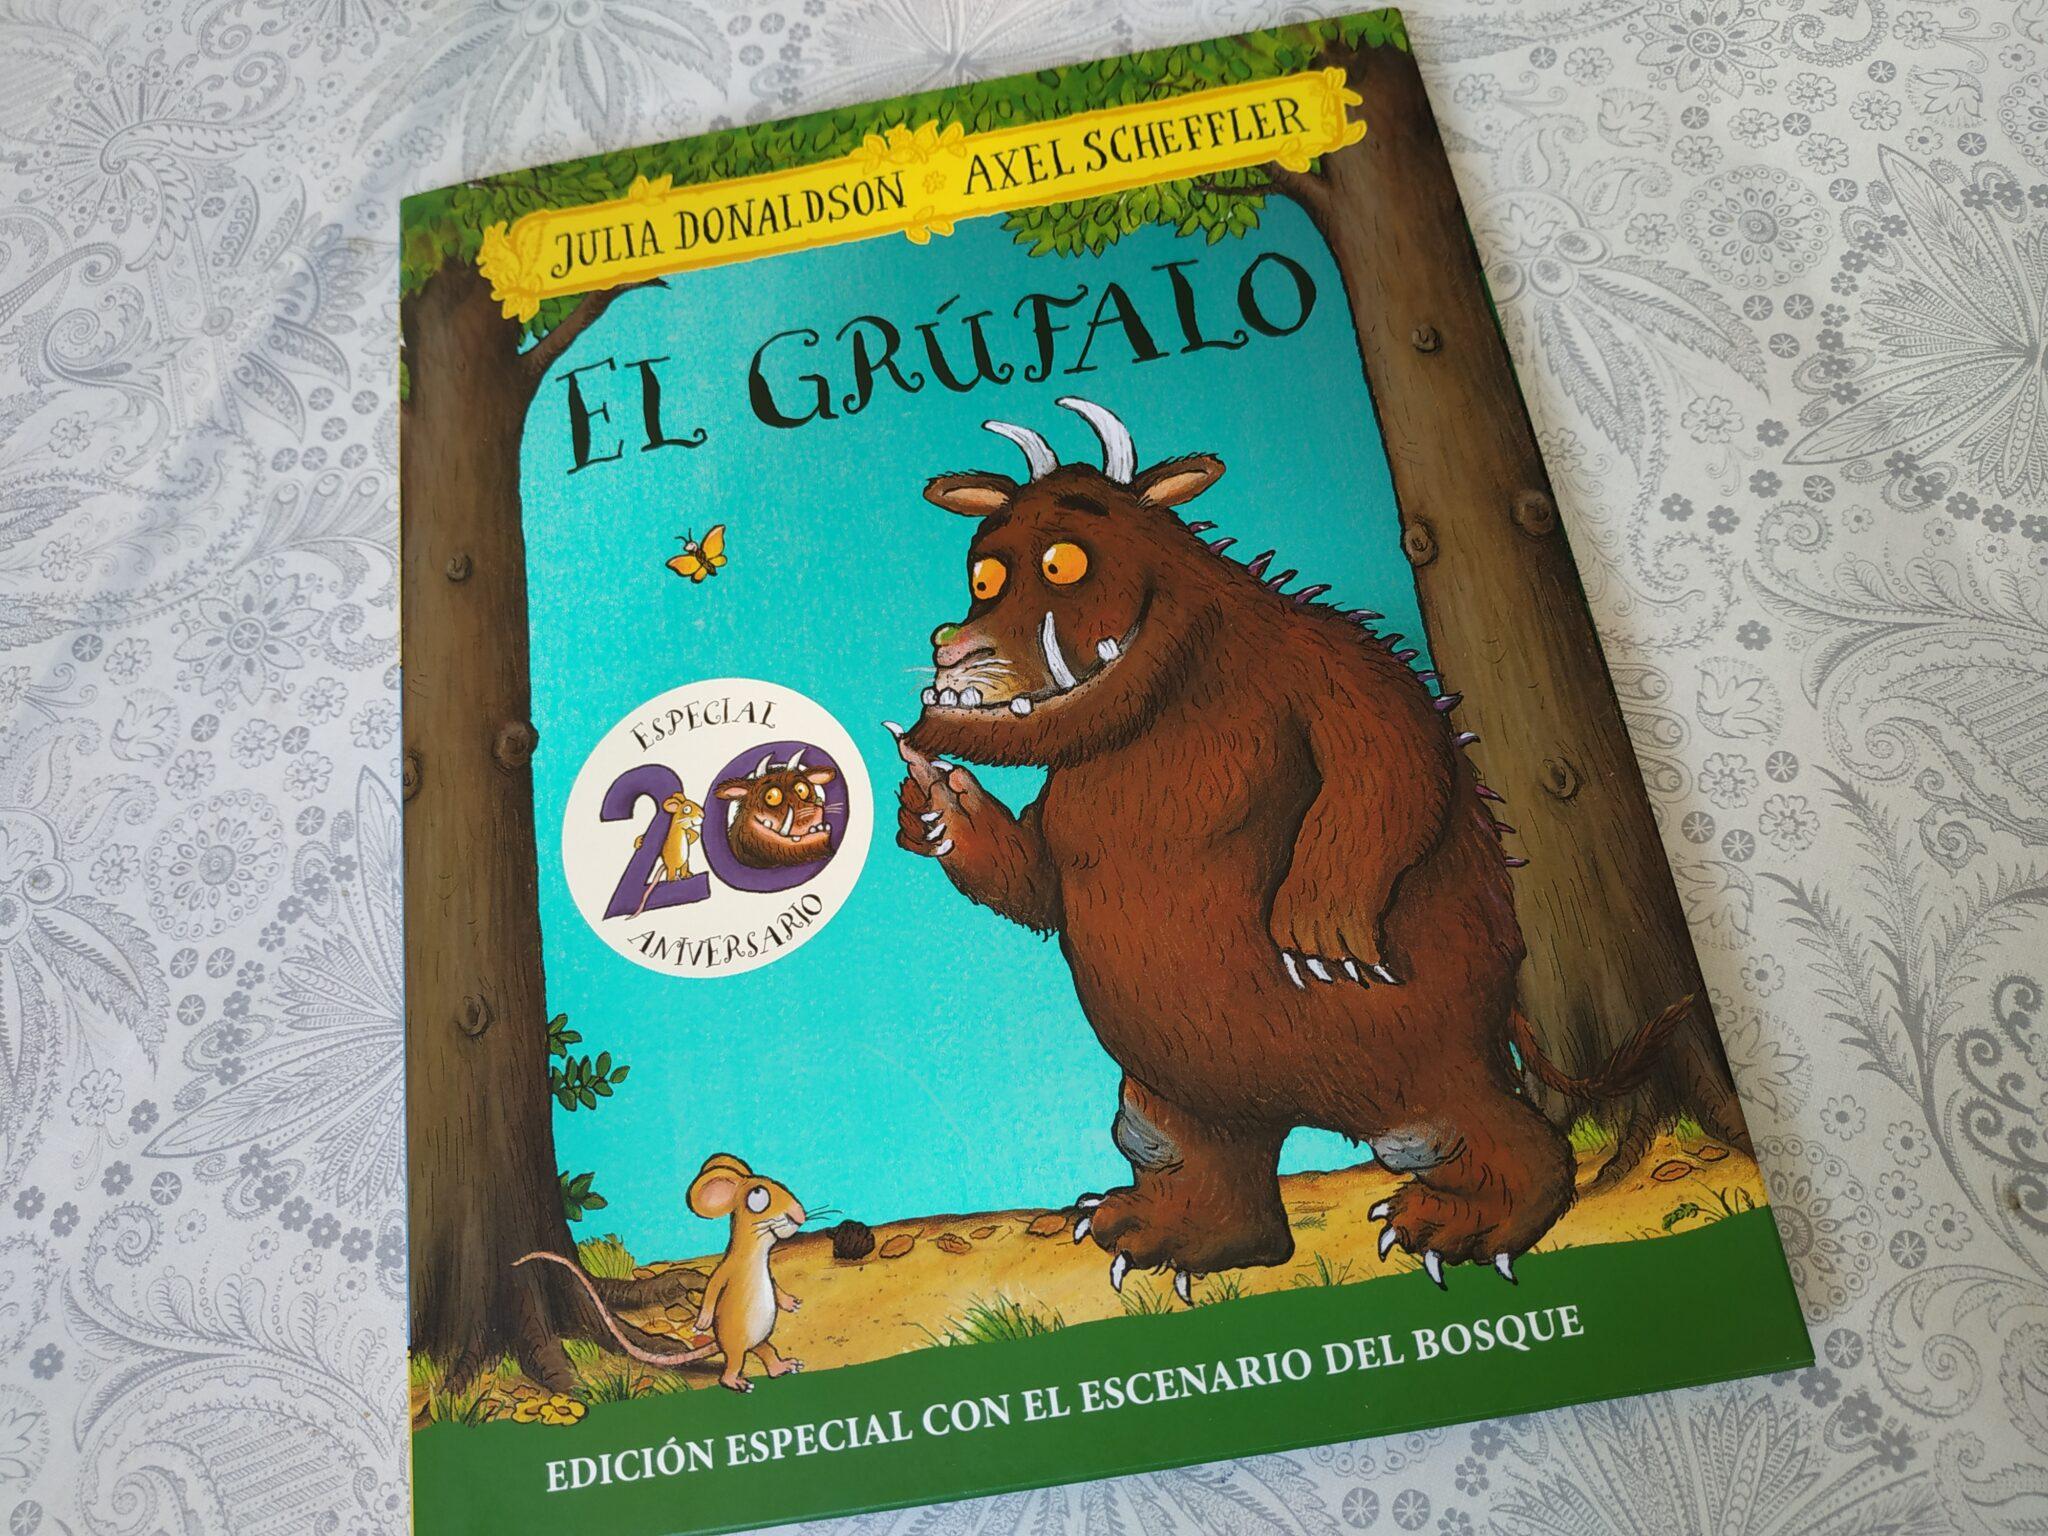 IMG 20191115 113447 scaled - 20 Aniversario de El Grúfalo